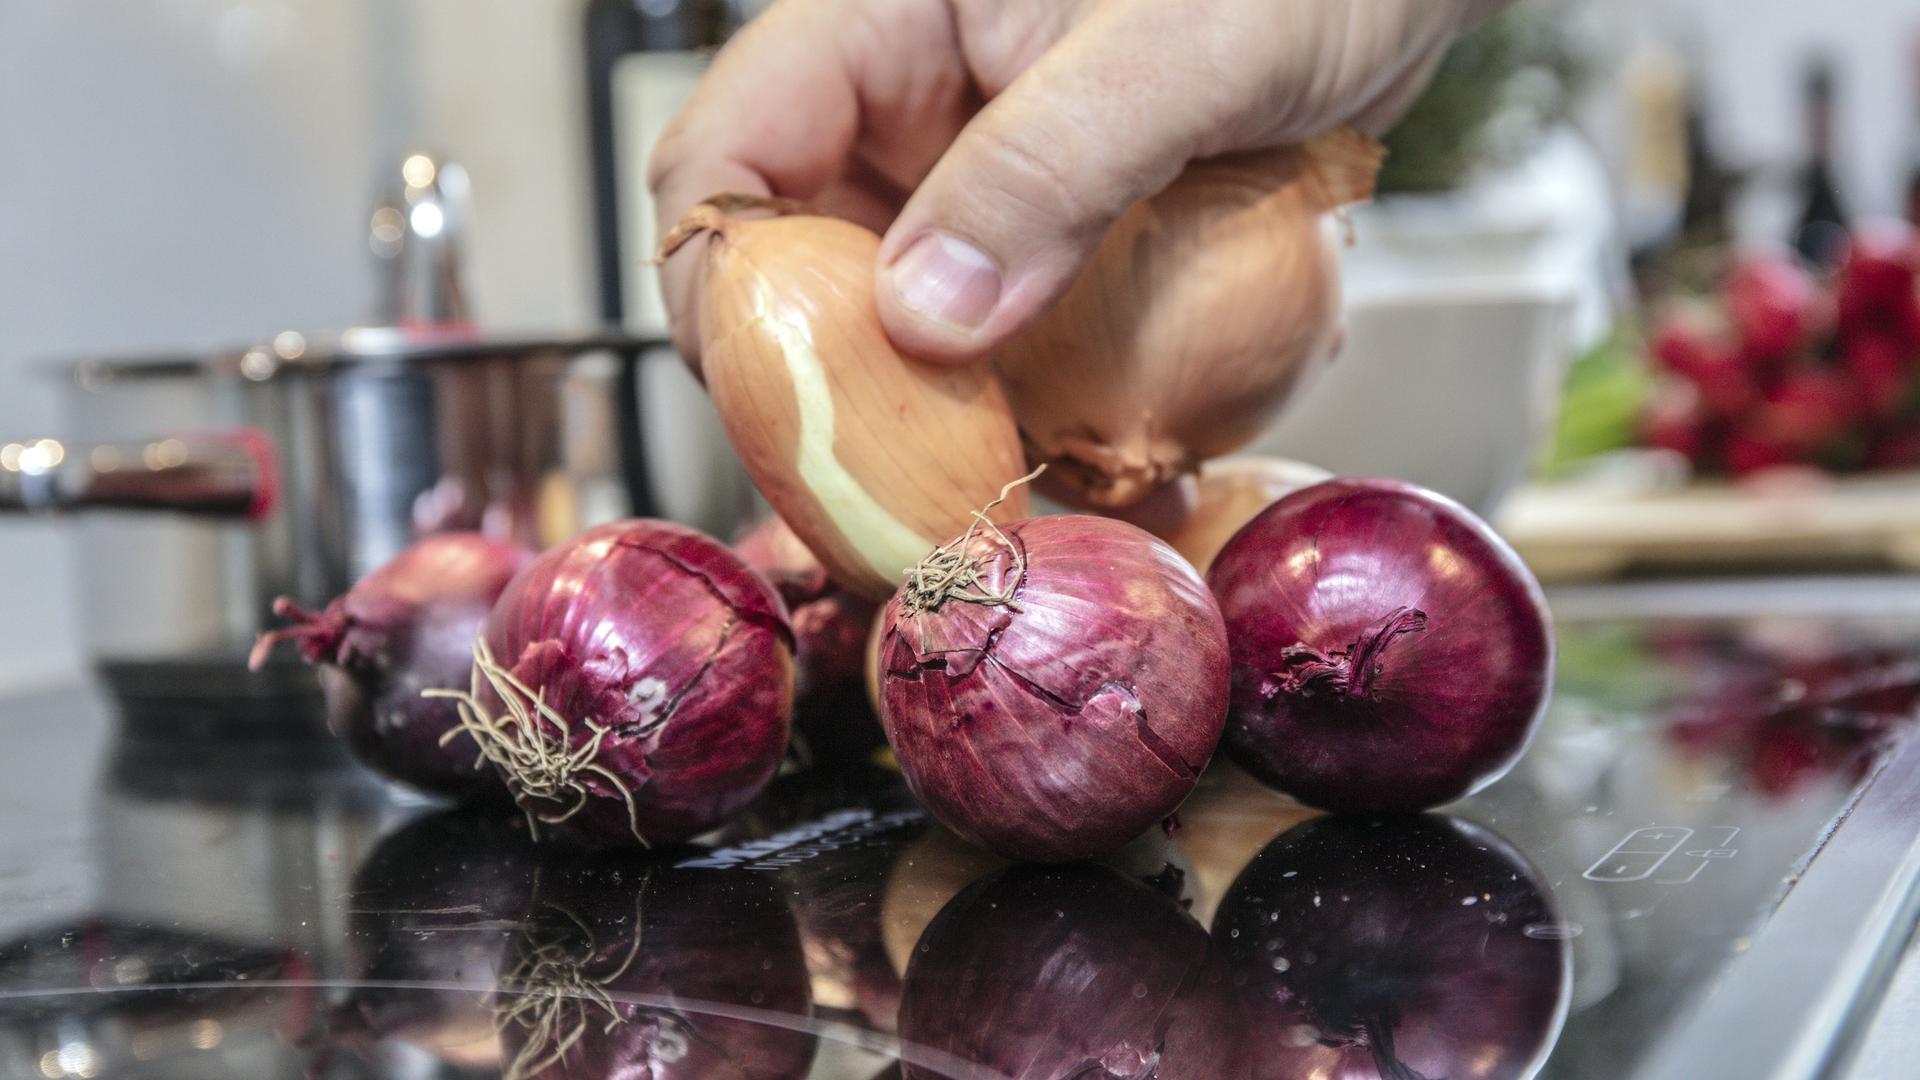 Eine Hand hält ein paar Zwiebeln.